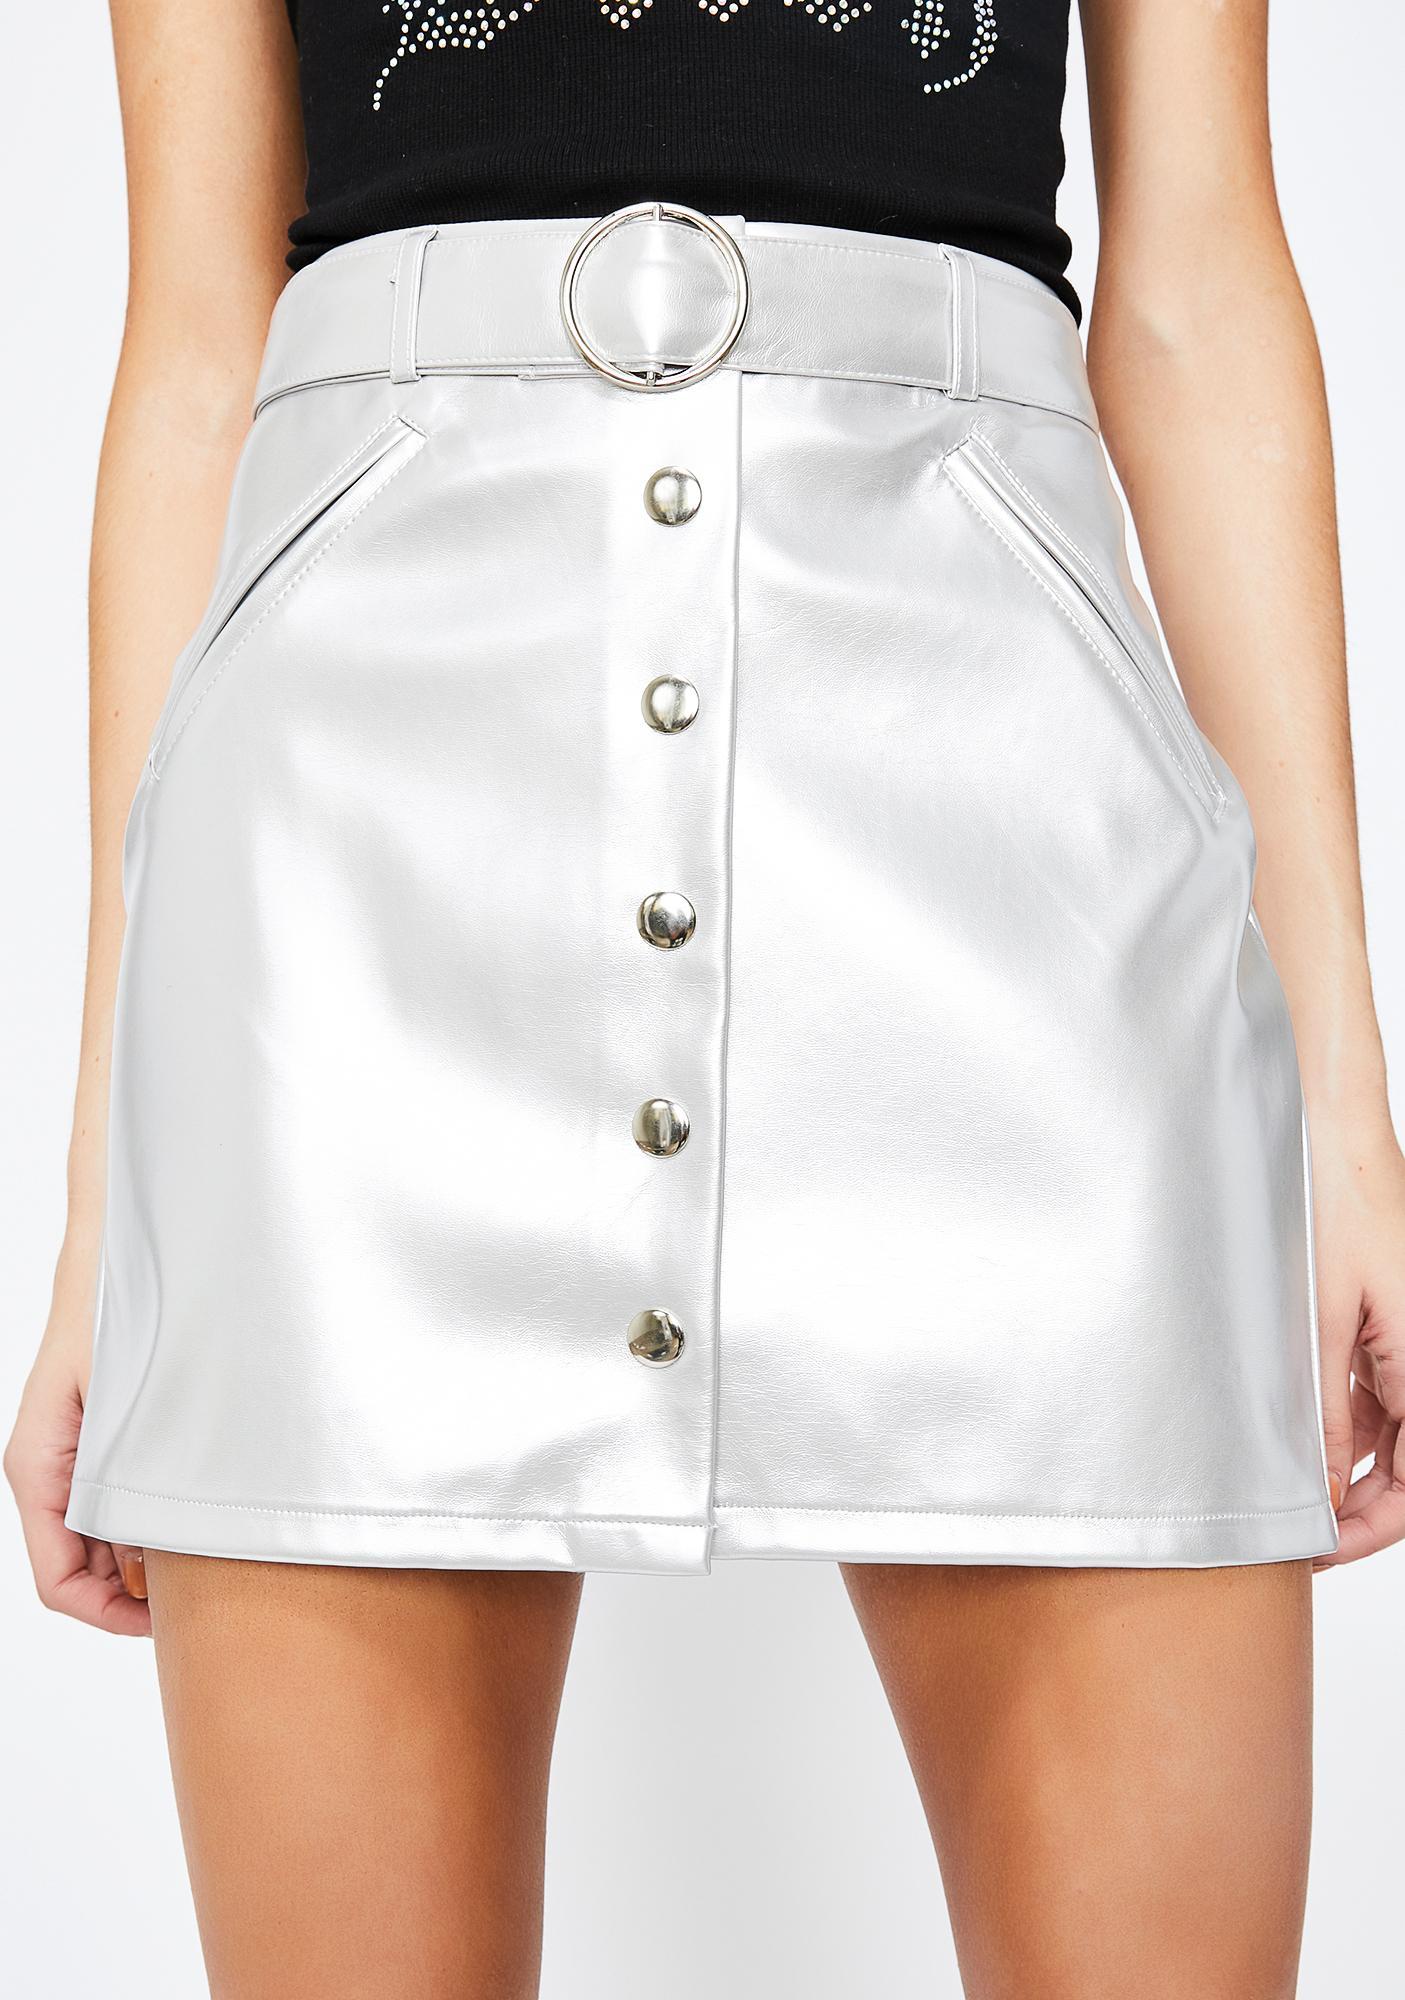 City Nightz Patent Skirt